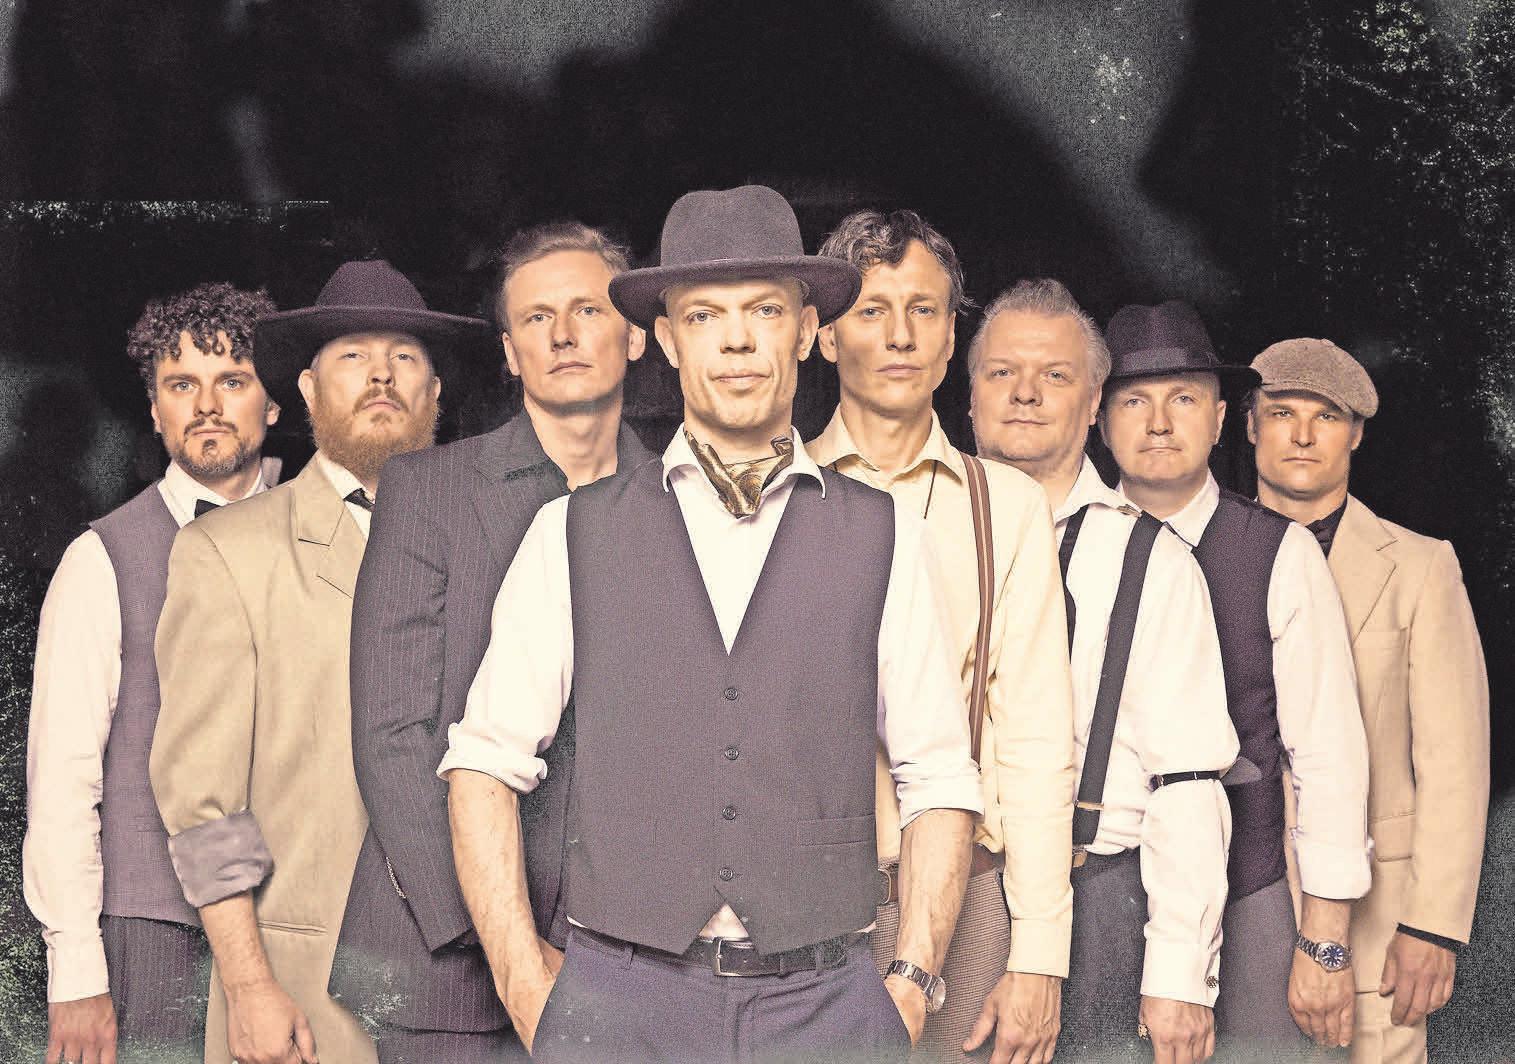 Thorbjørn Risager und seine Band kommt aus Dänemark zum Bluesfestival am Rodelberch. Foto: Søren Rønholt